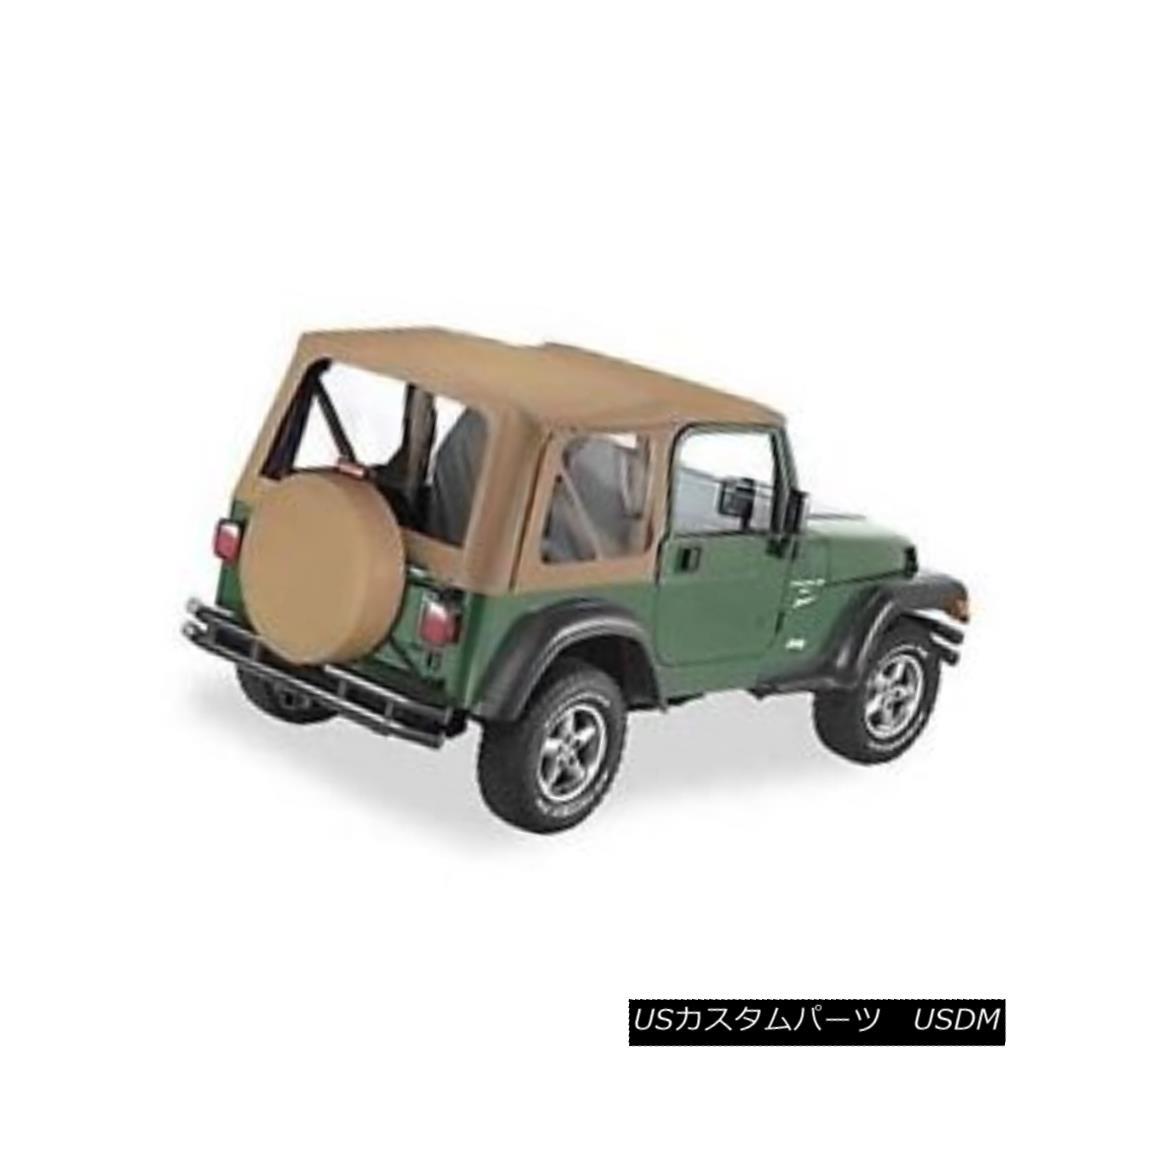 幌・ソフトトップ Bestop 51127-37 Soft Top Replace-A-Top Polymer Cloth Spice for 1997-2002 Jeep Bestop 51127-37ソフトトップ交換用トップポリマー衣類スパイス1997-2002ジープ